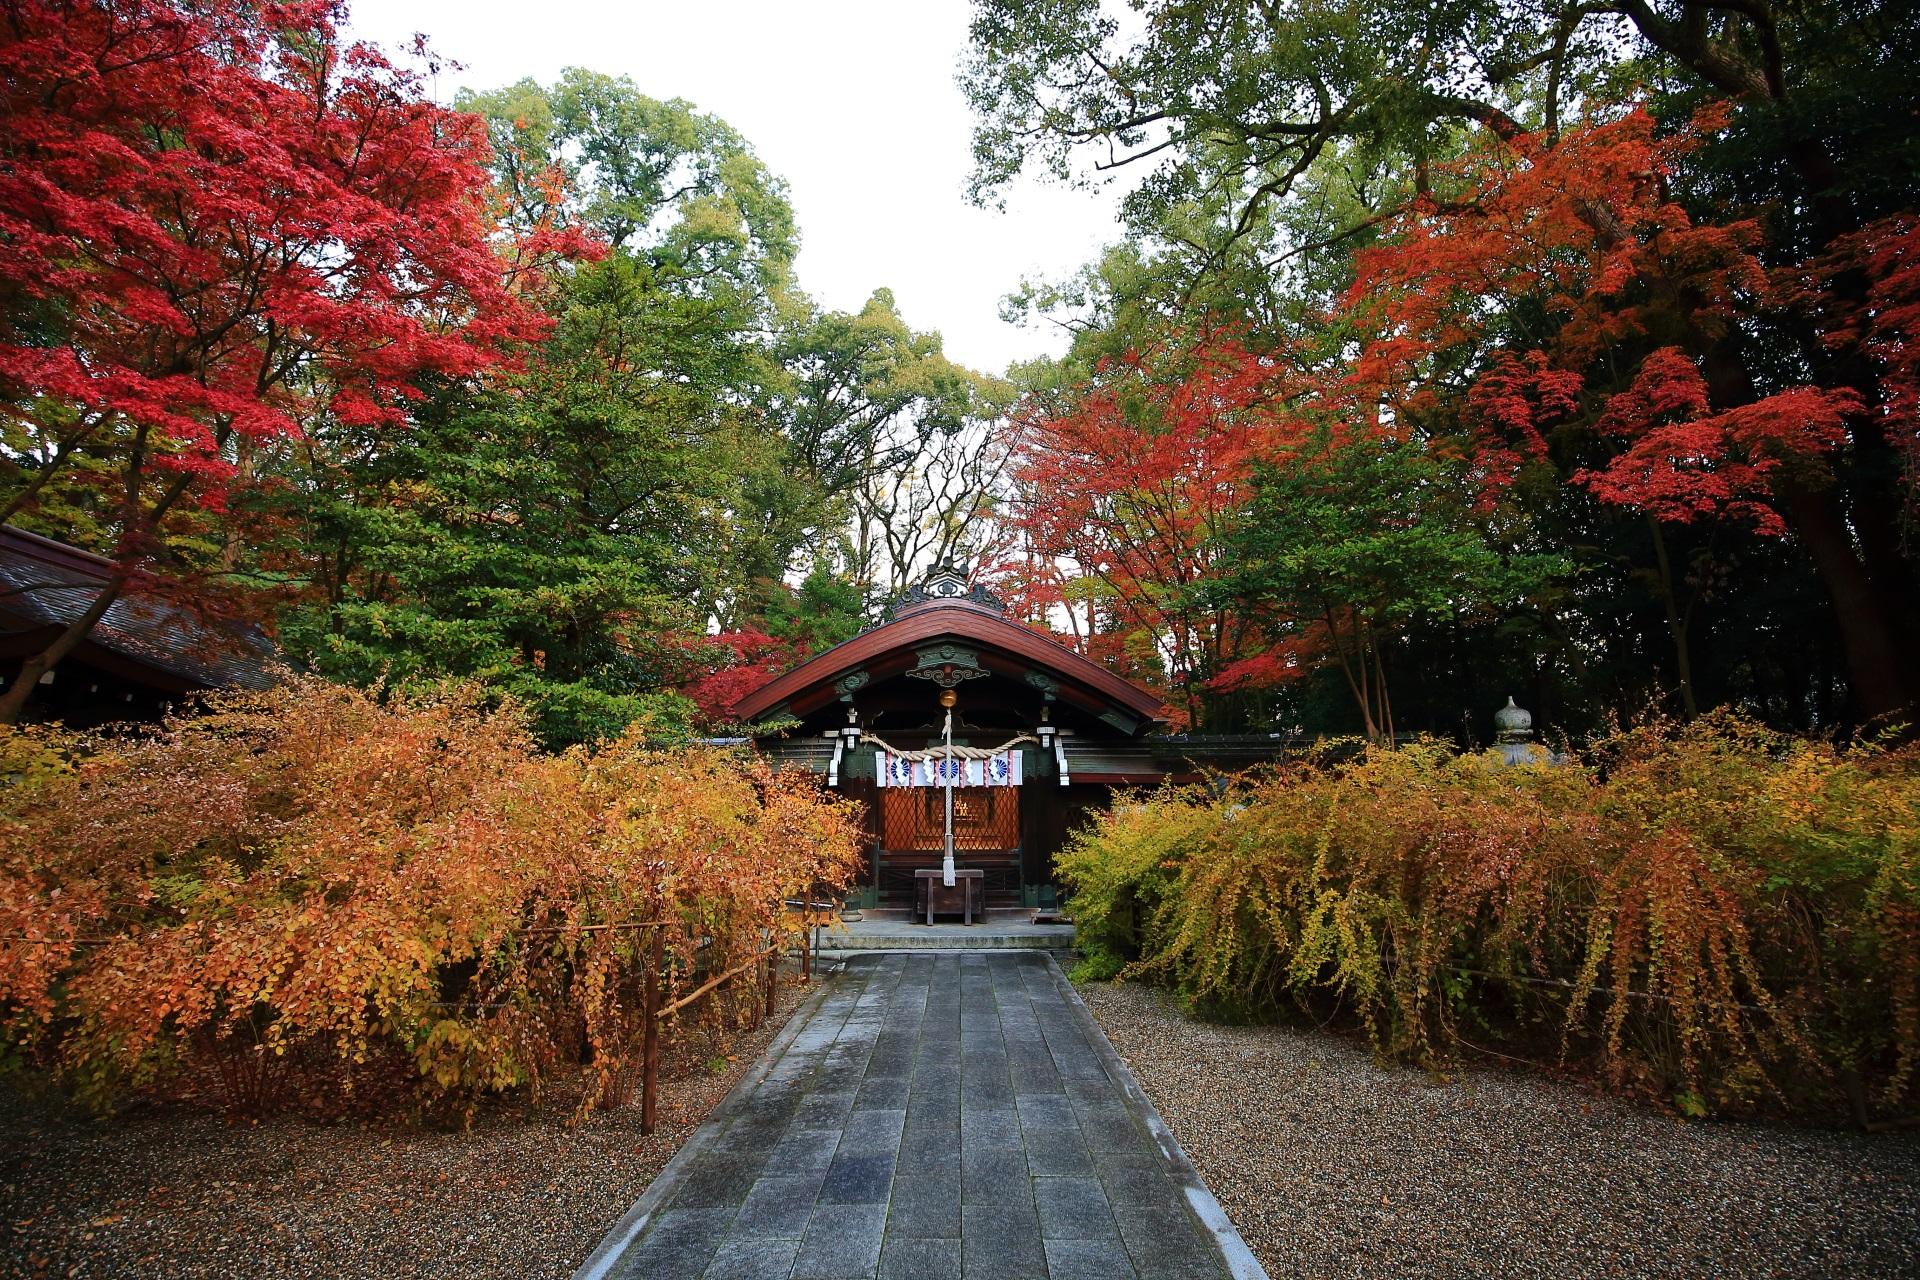 梨木神社の本殿付近の紅葉と萩